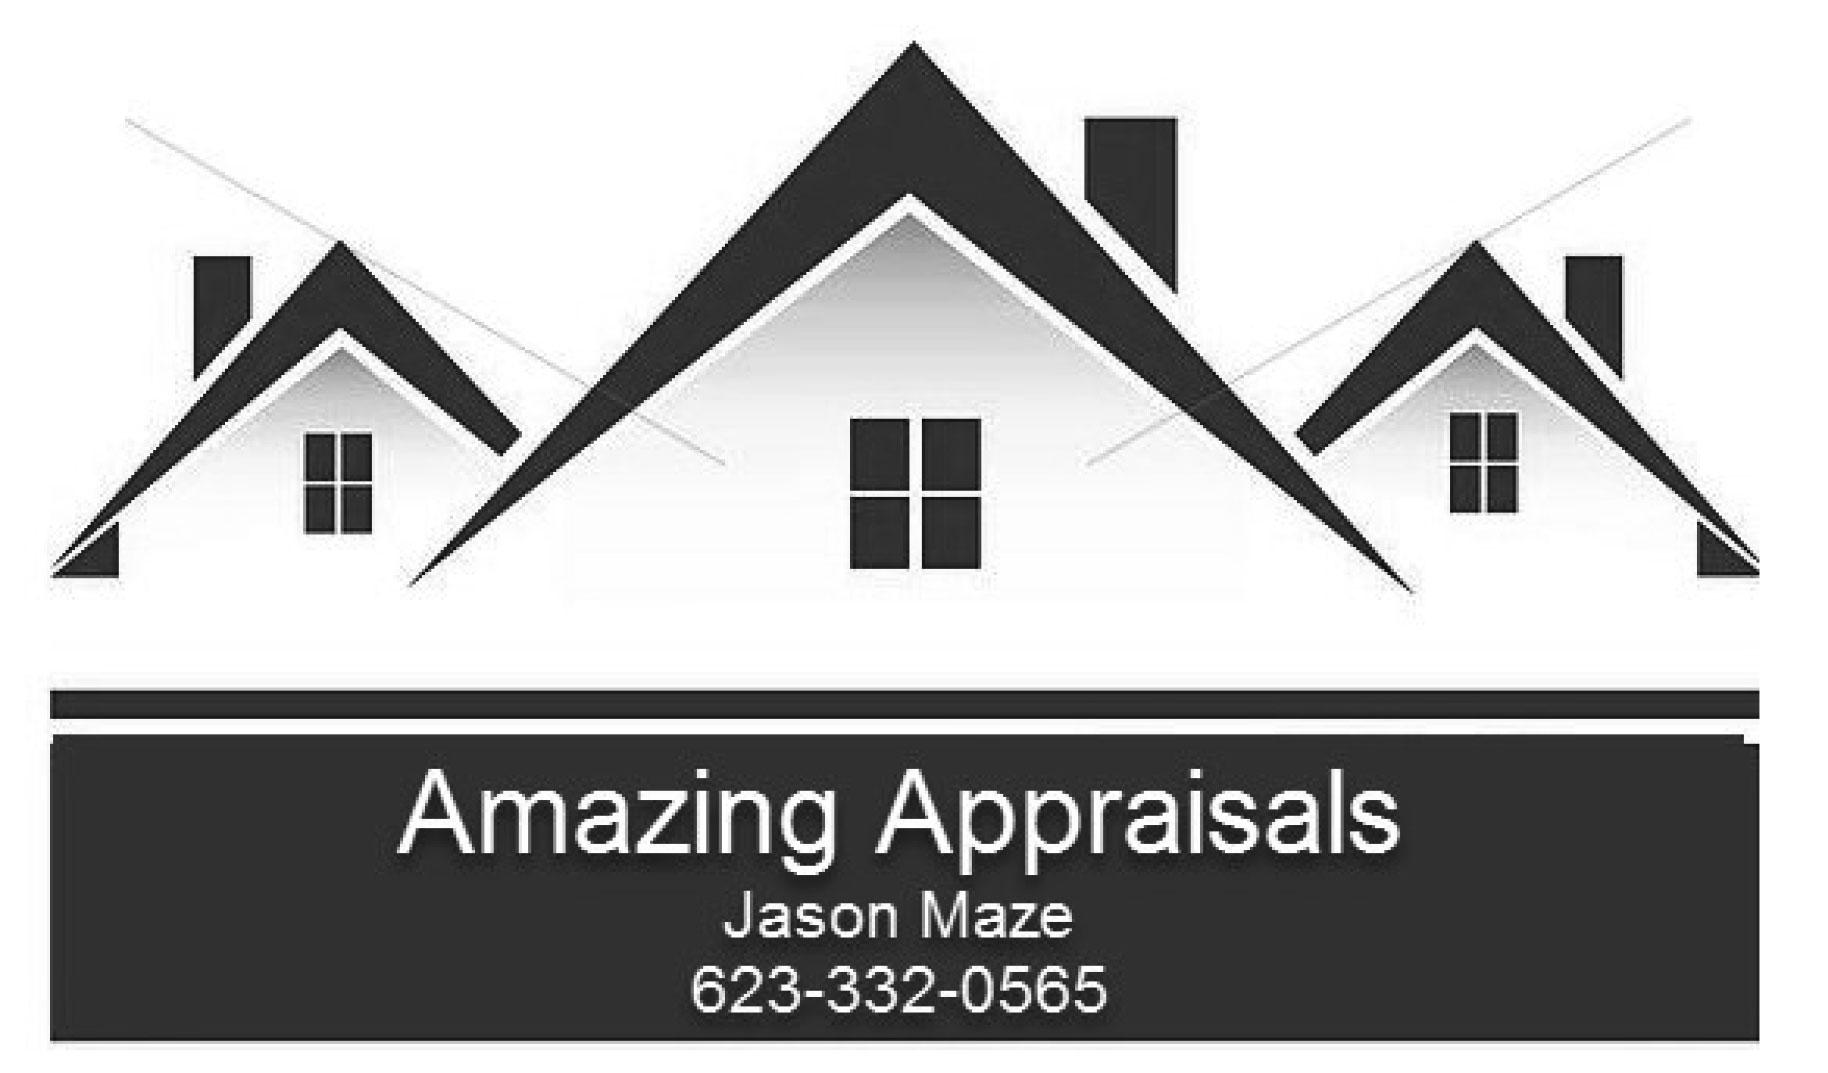 amazing appraisals